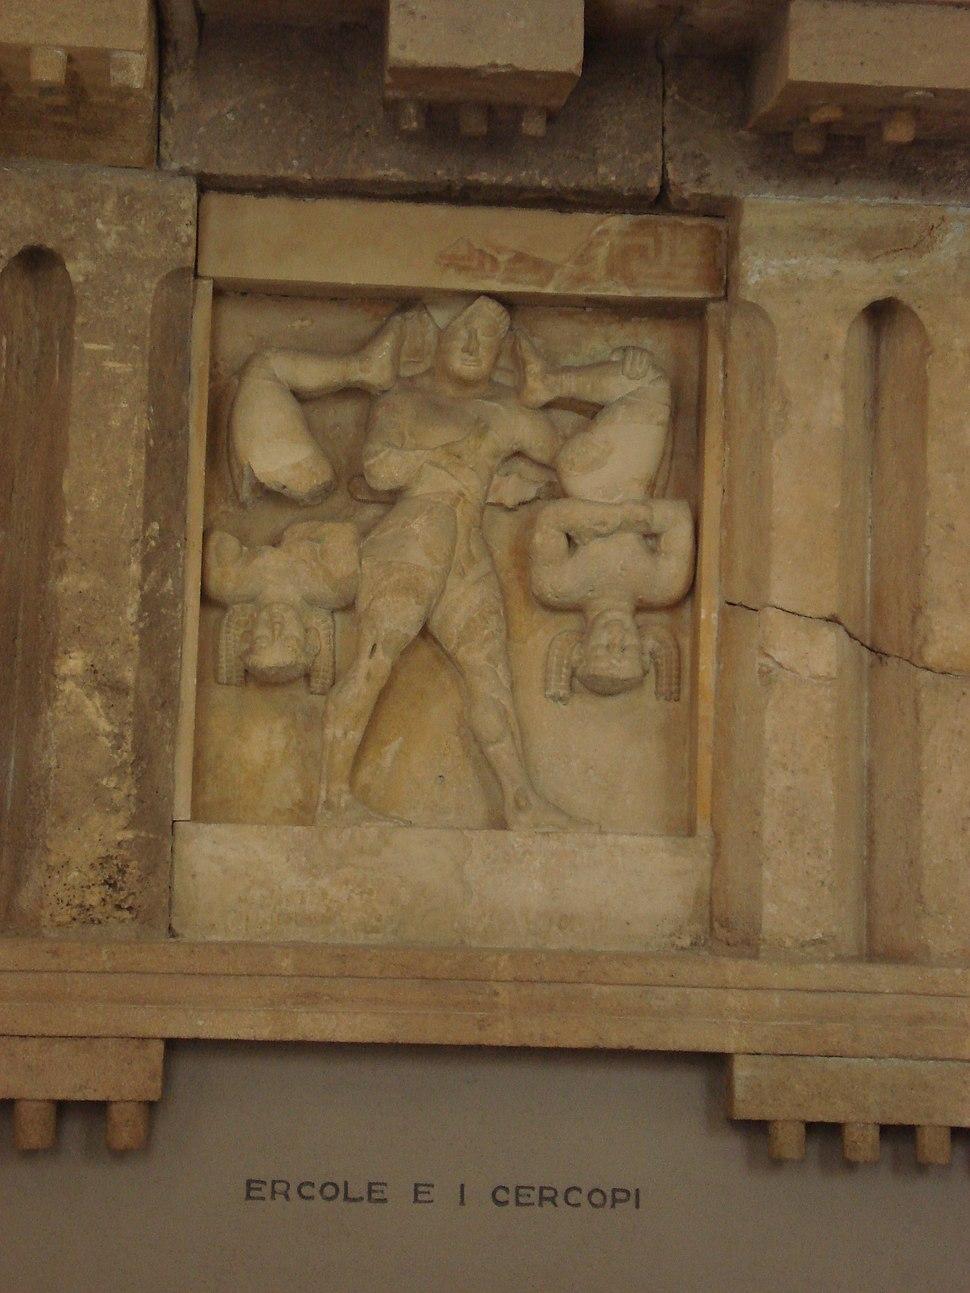 DSC00402 - Tempio C di Selinunte - Eracle e i briganti Cercopi - Sec. VI a.C. - Foto G. Dall'Orto